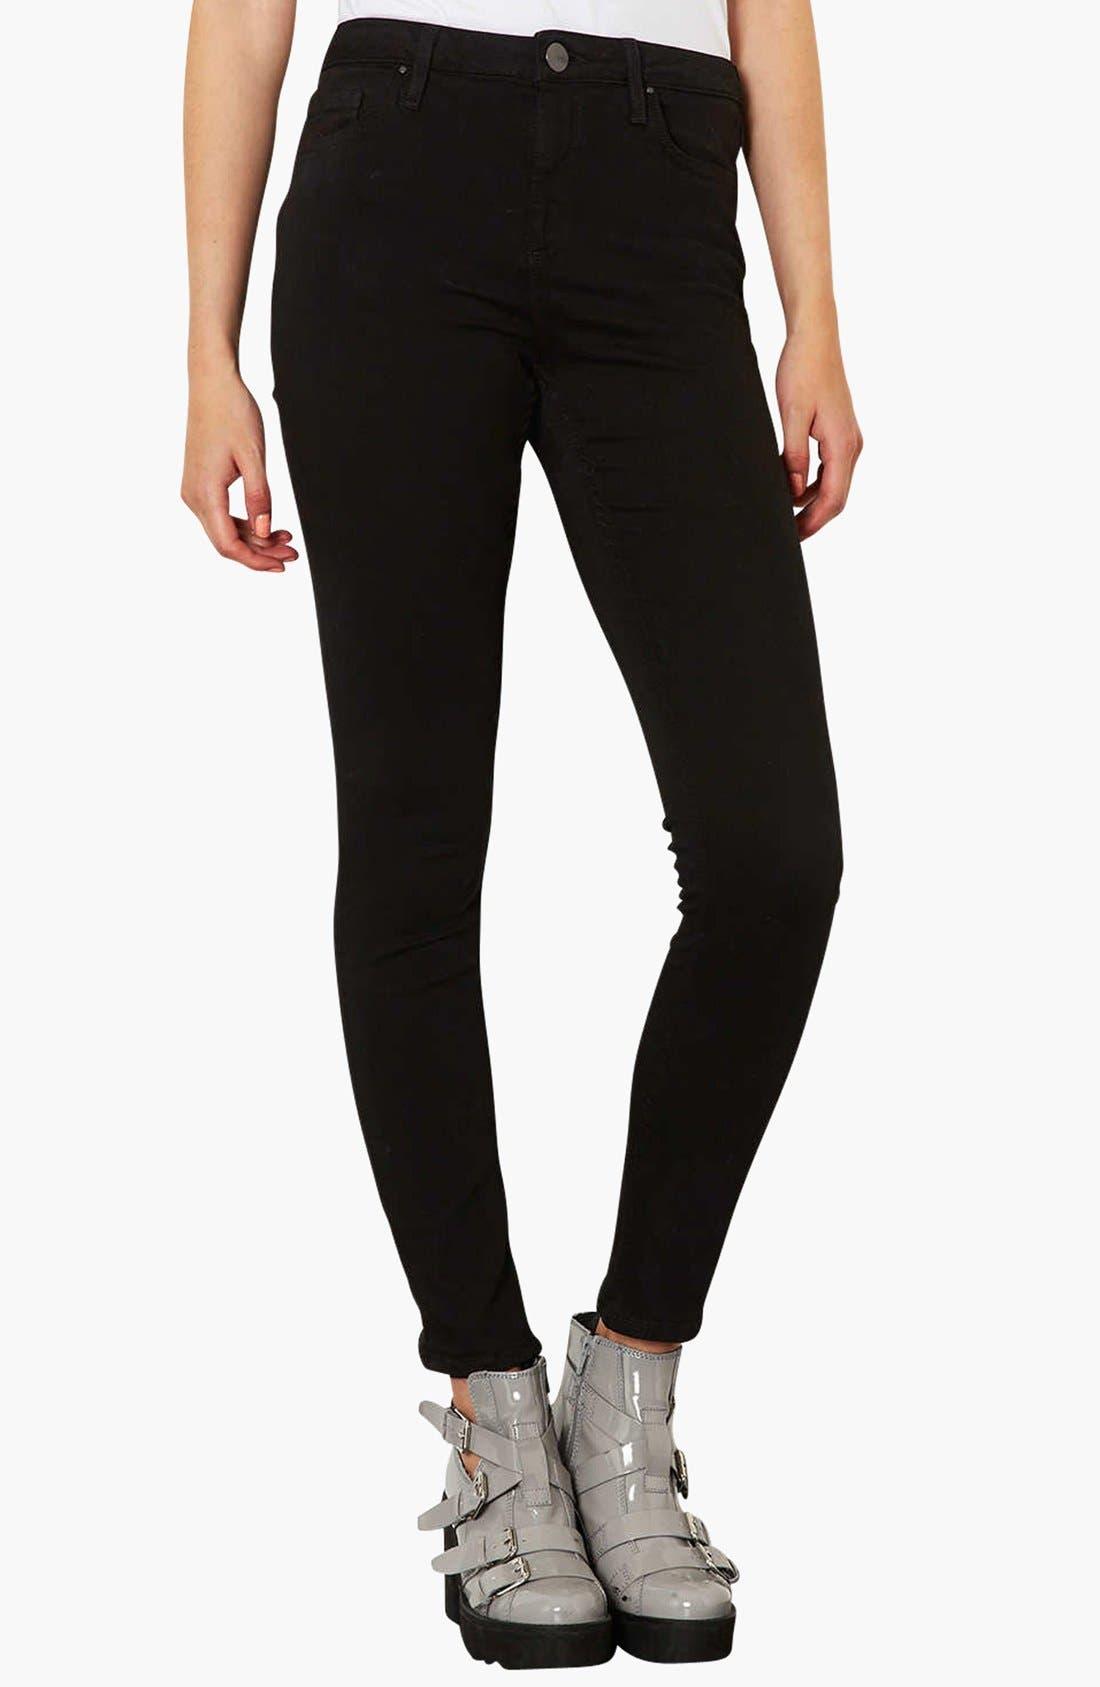 Main Image - Topshop Moto 'Jamie' High Rise Skinny Jeans (Regular, Short & Long)